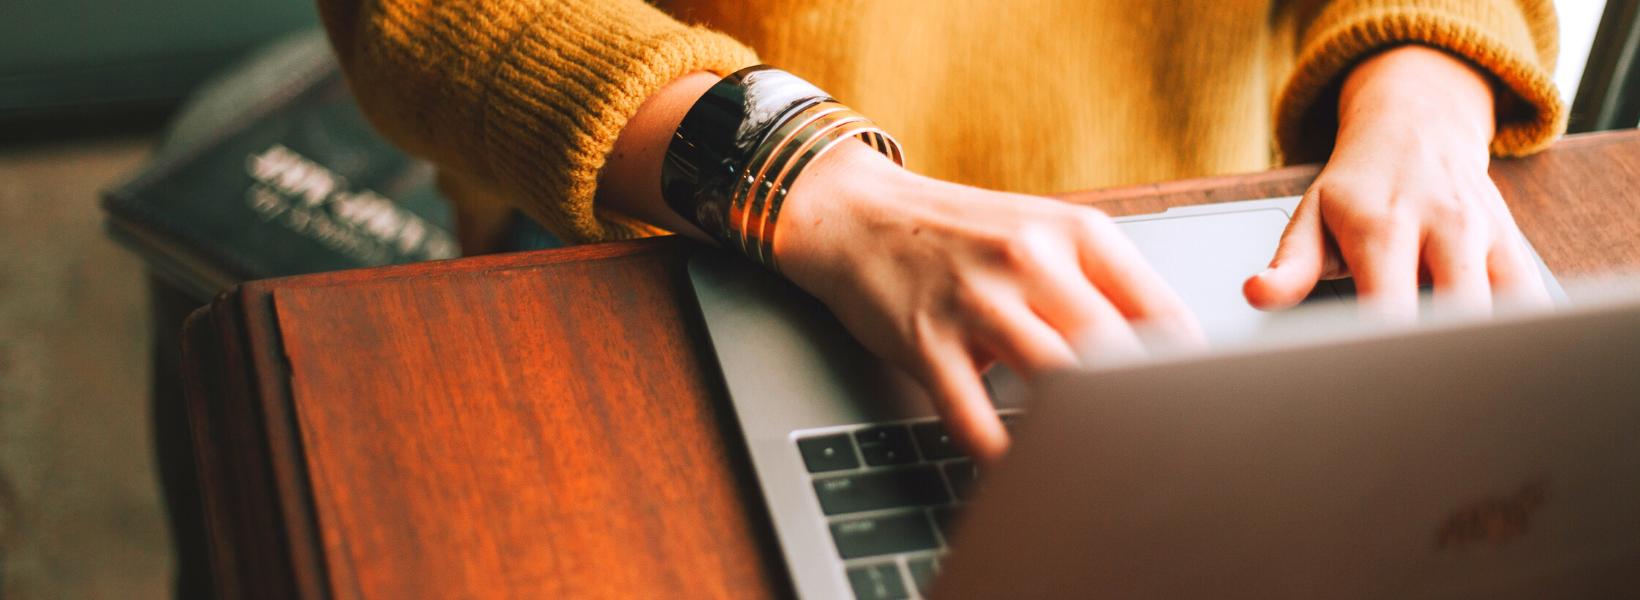 femme gilet orange clavier ordinateur portable